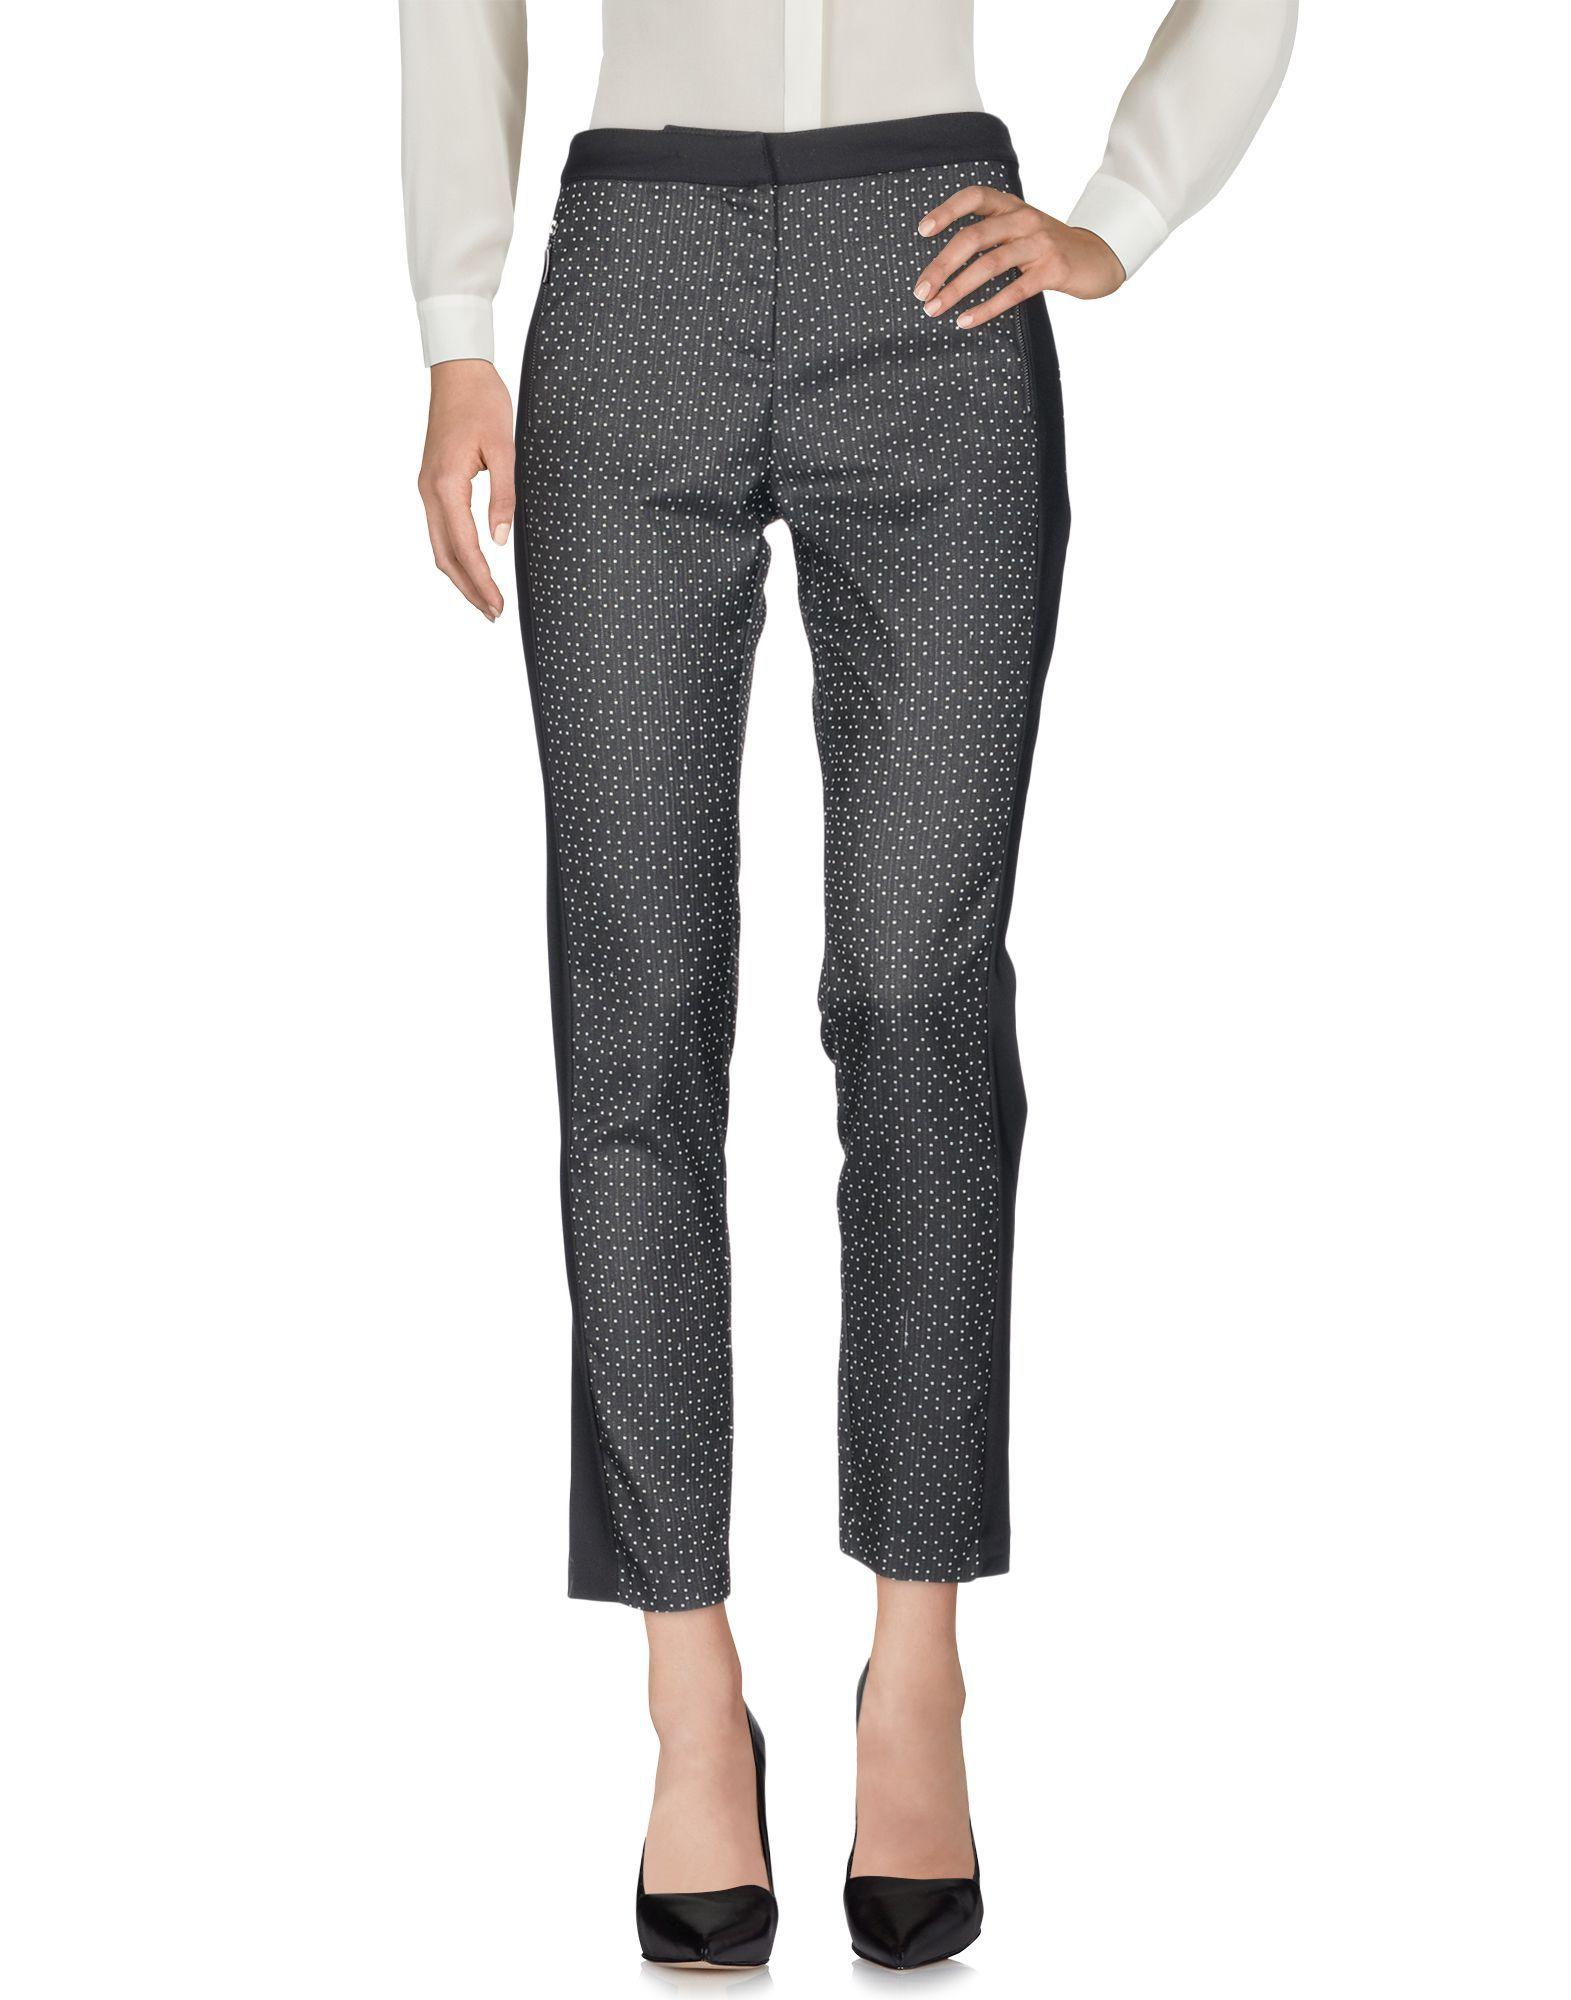 Black cotton blend mid-rise trousers